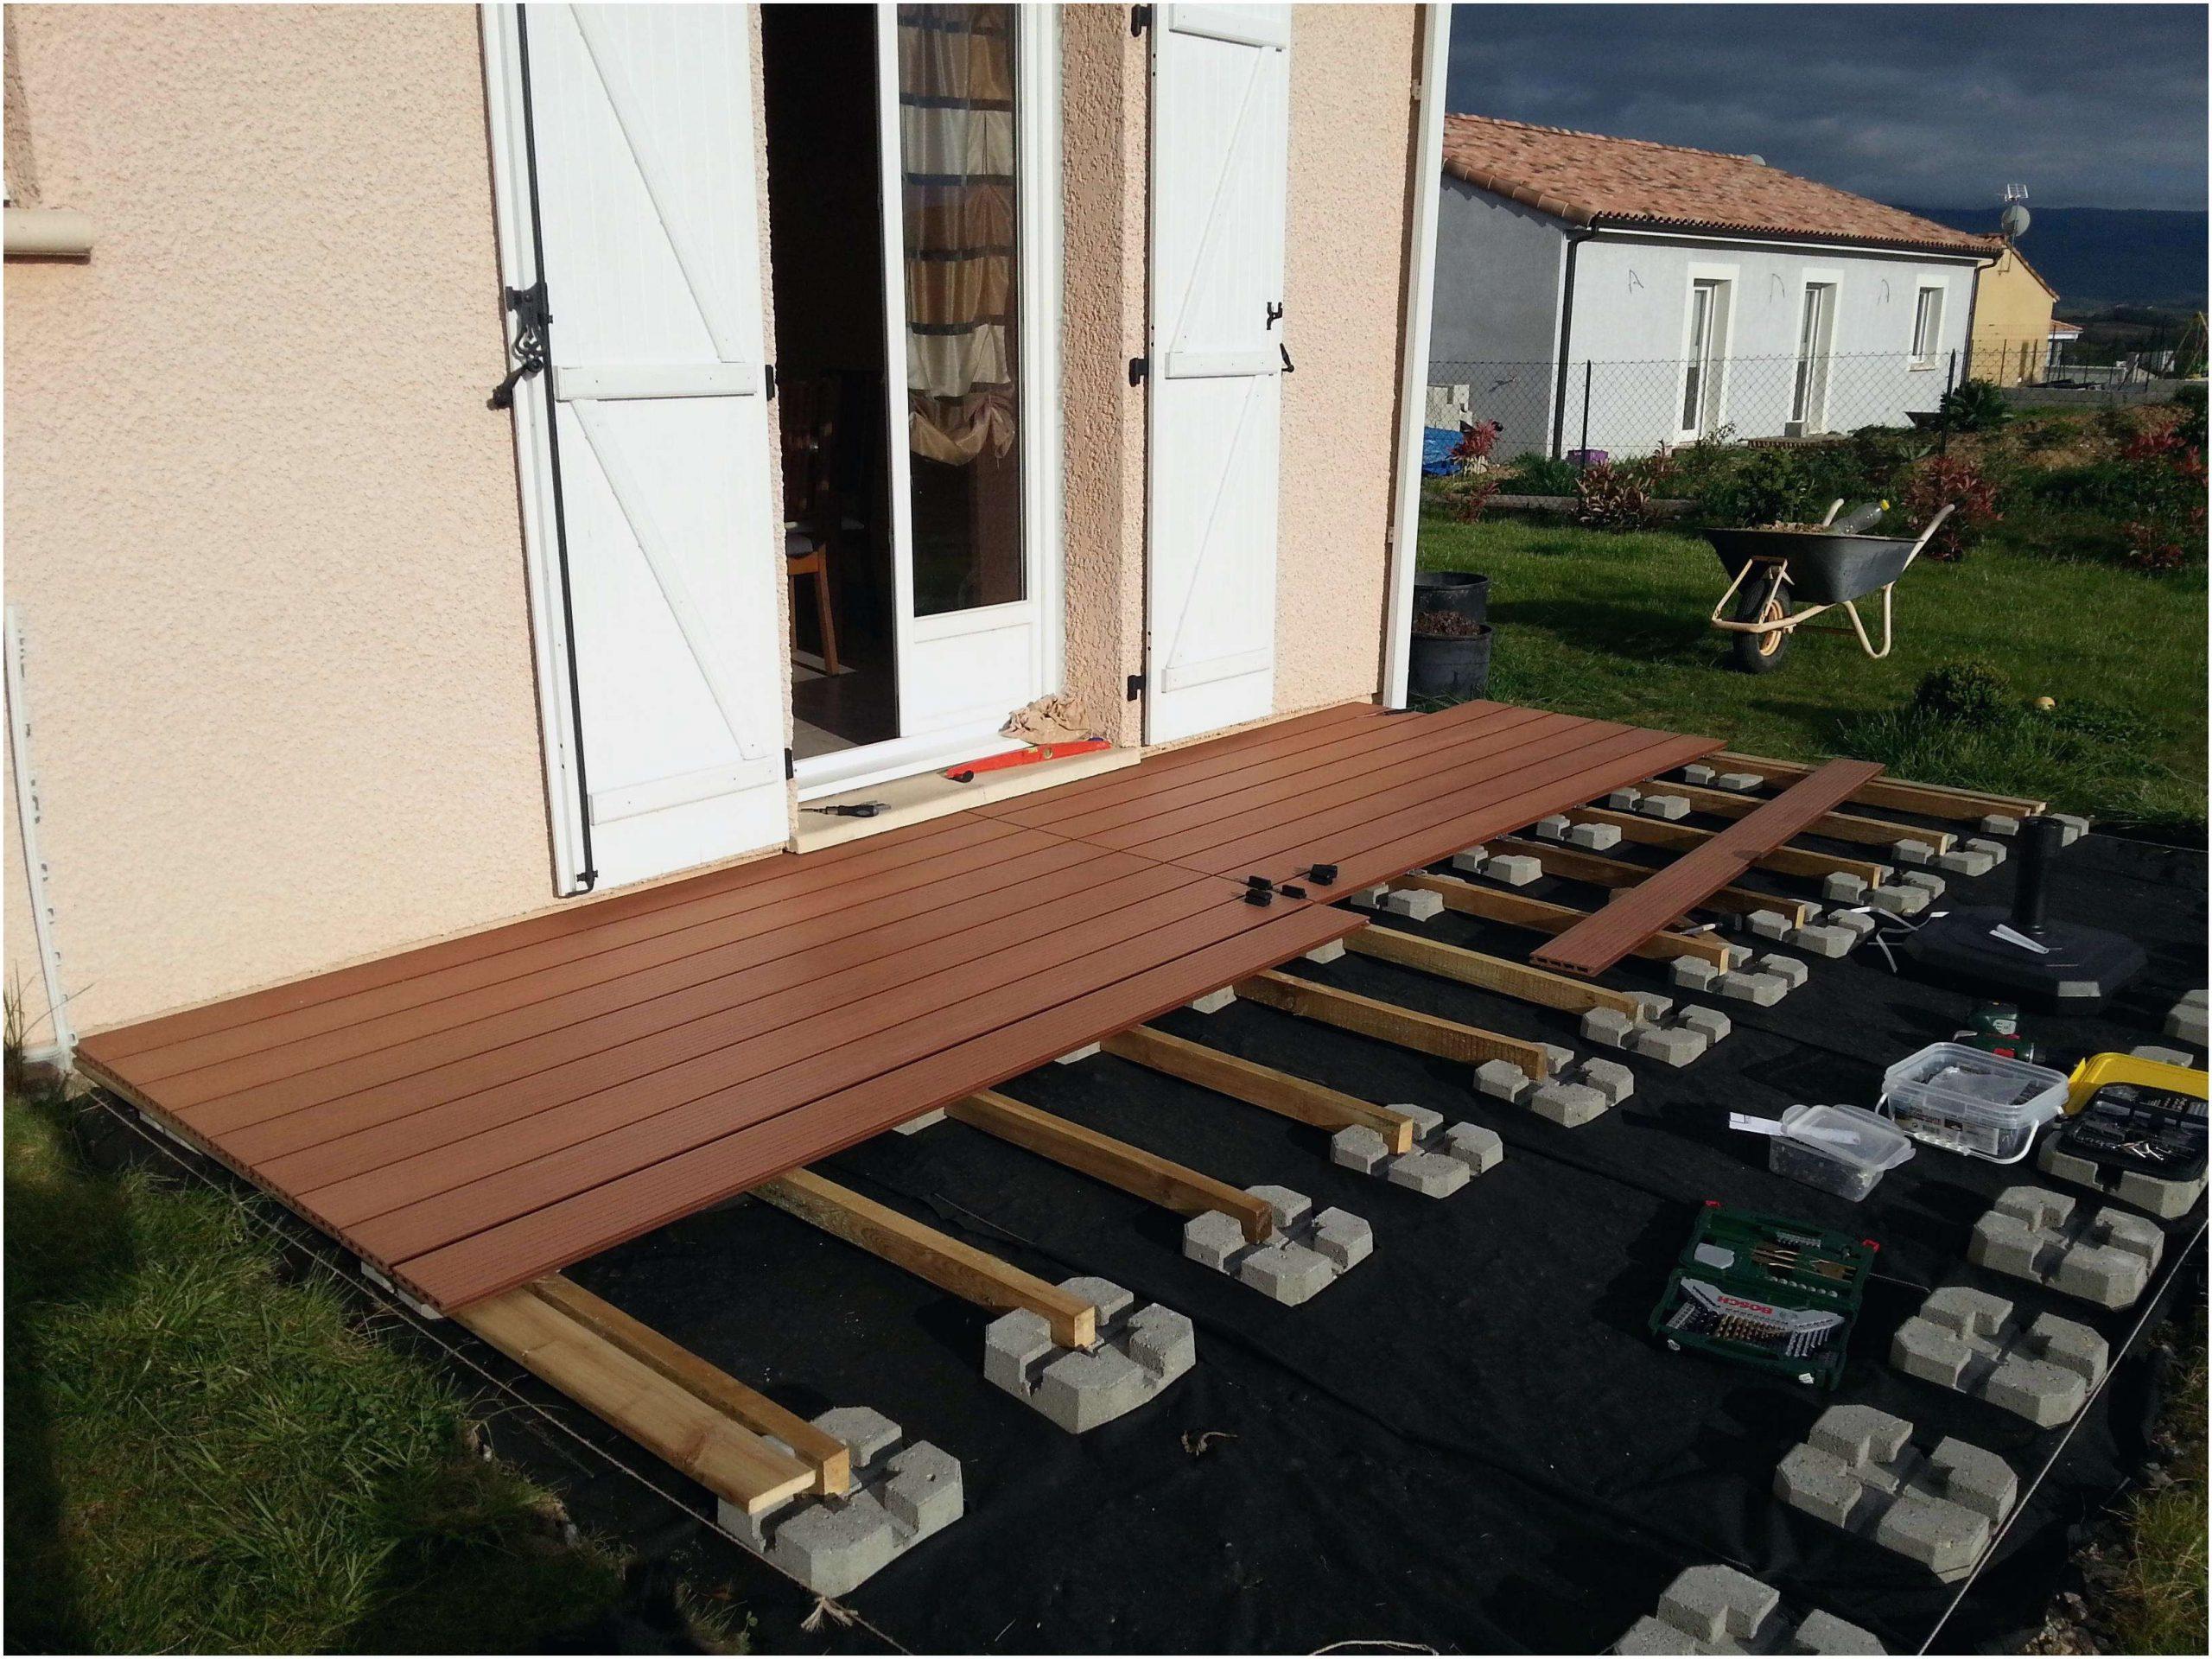 Pose Carrelage Terrasse Exterieur Leroy Merlin   Venus Et Judes destiné Plot Terrasse Dalle Leroy Merlin